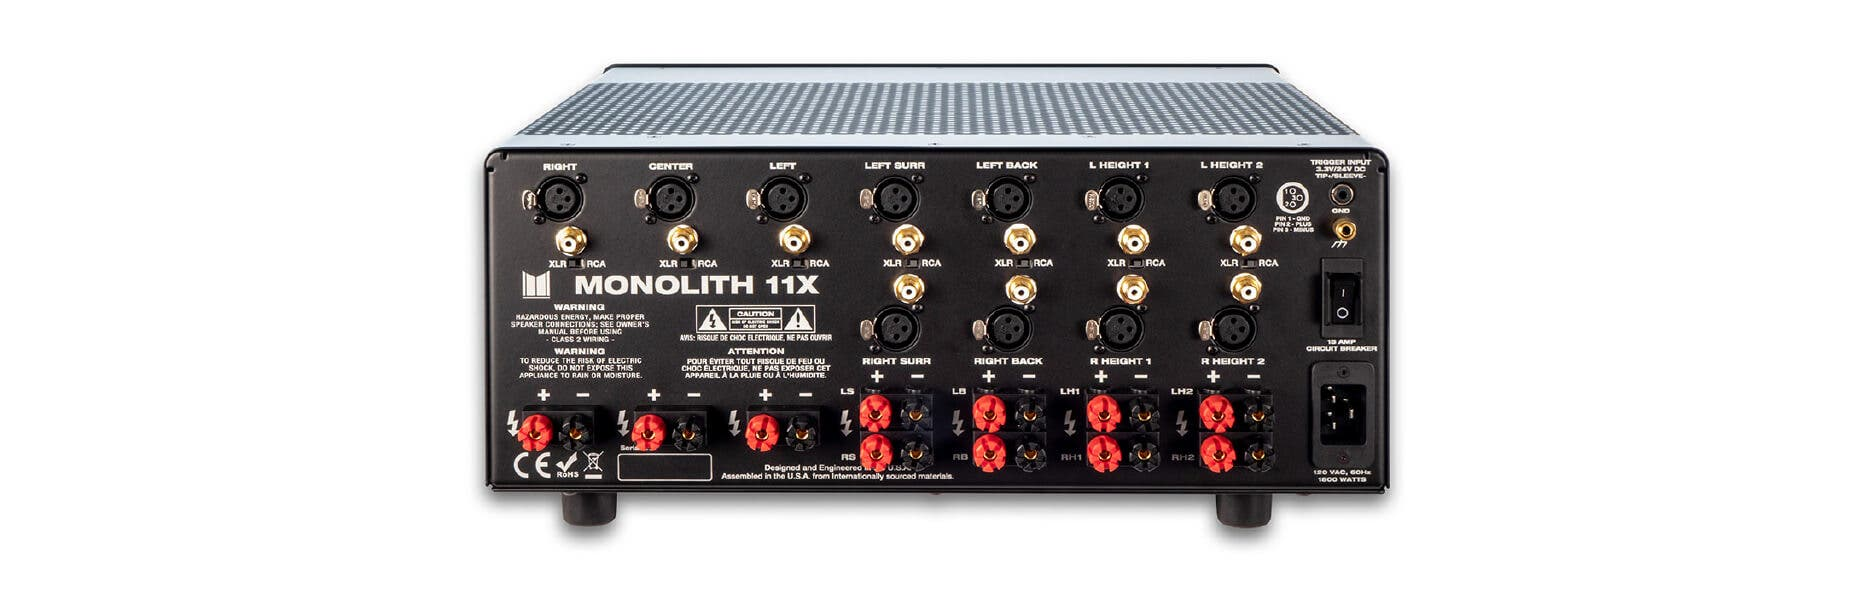 Monolith 11X